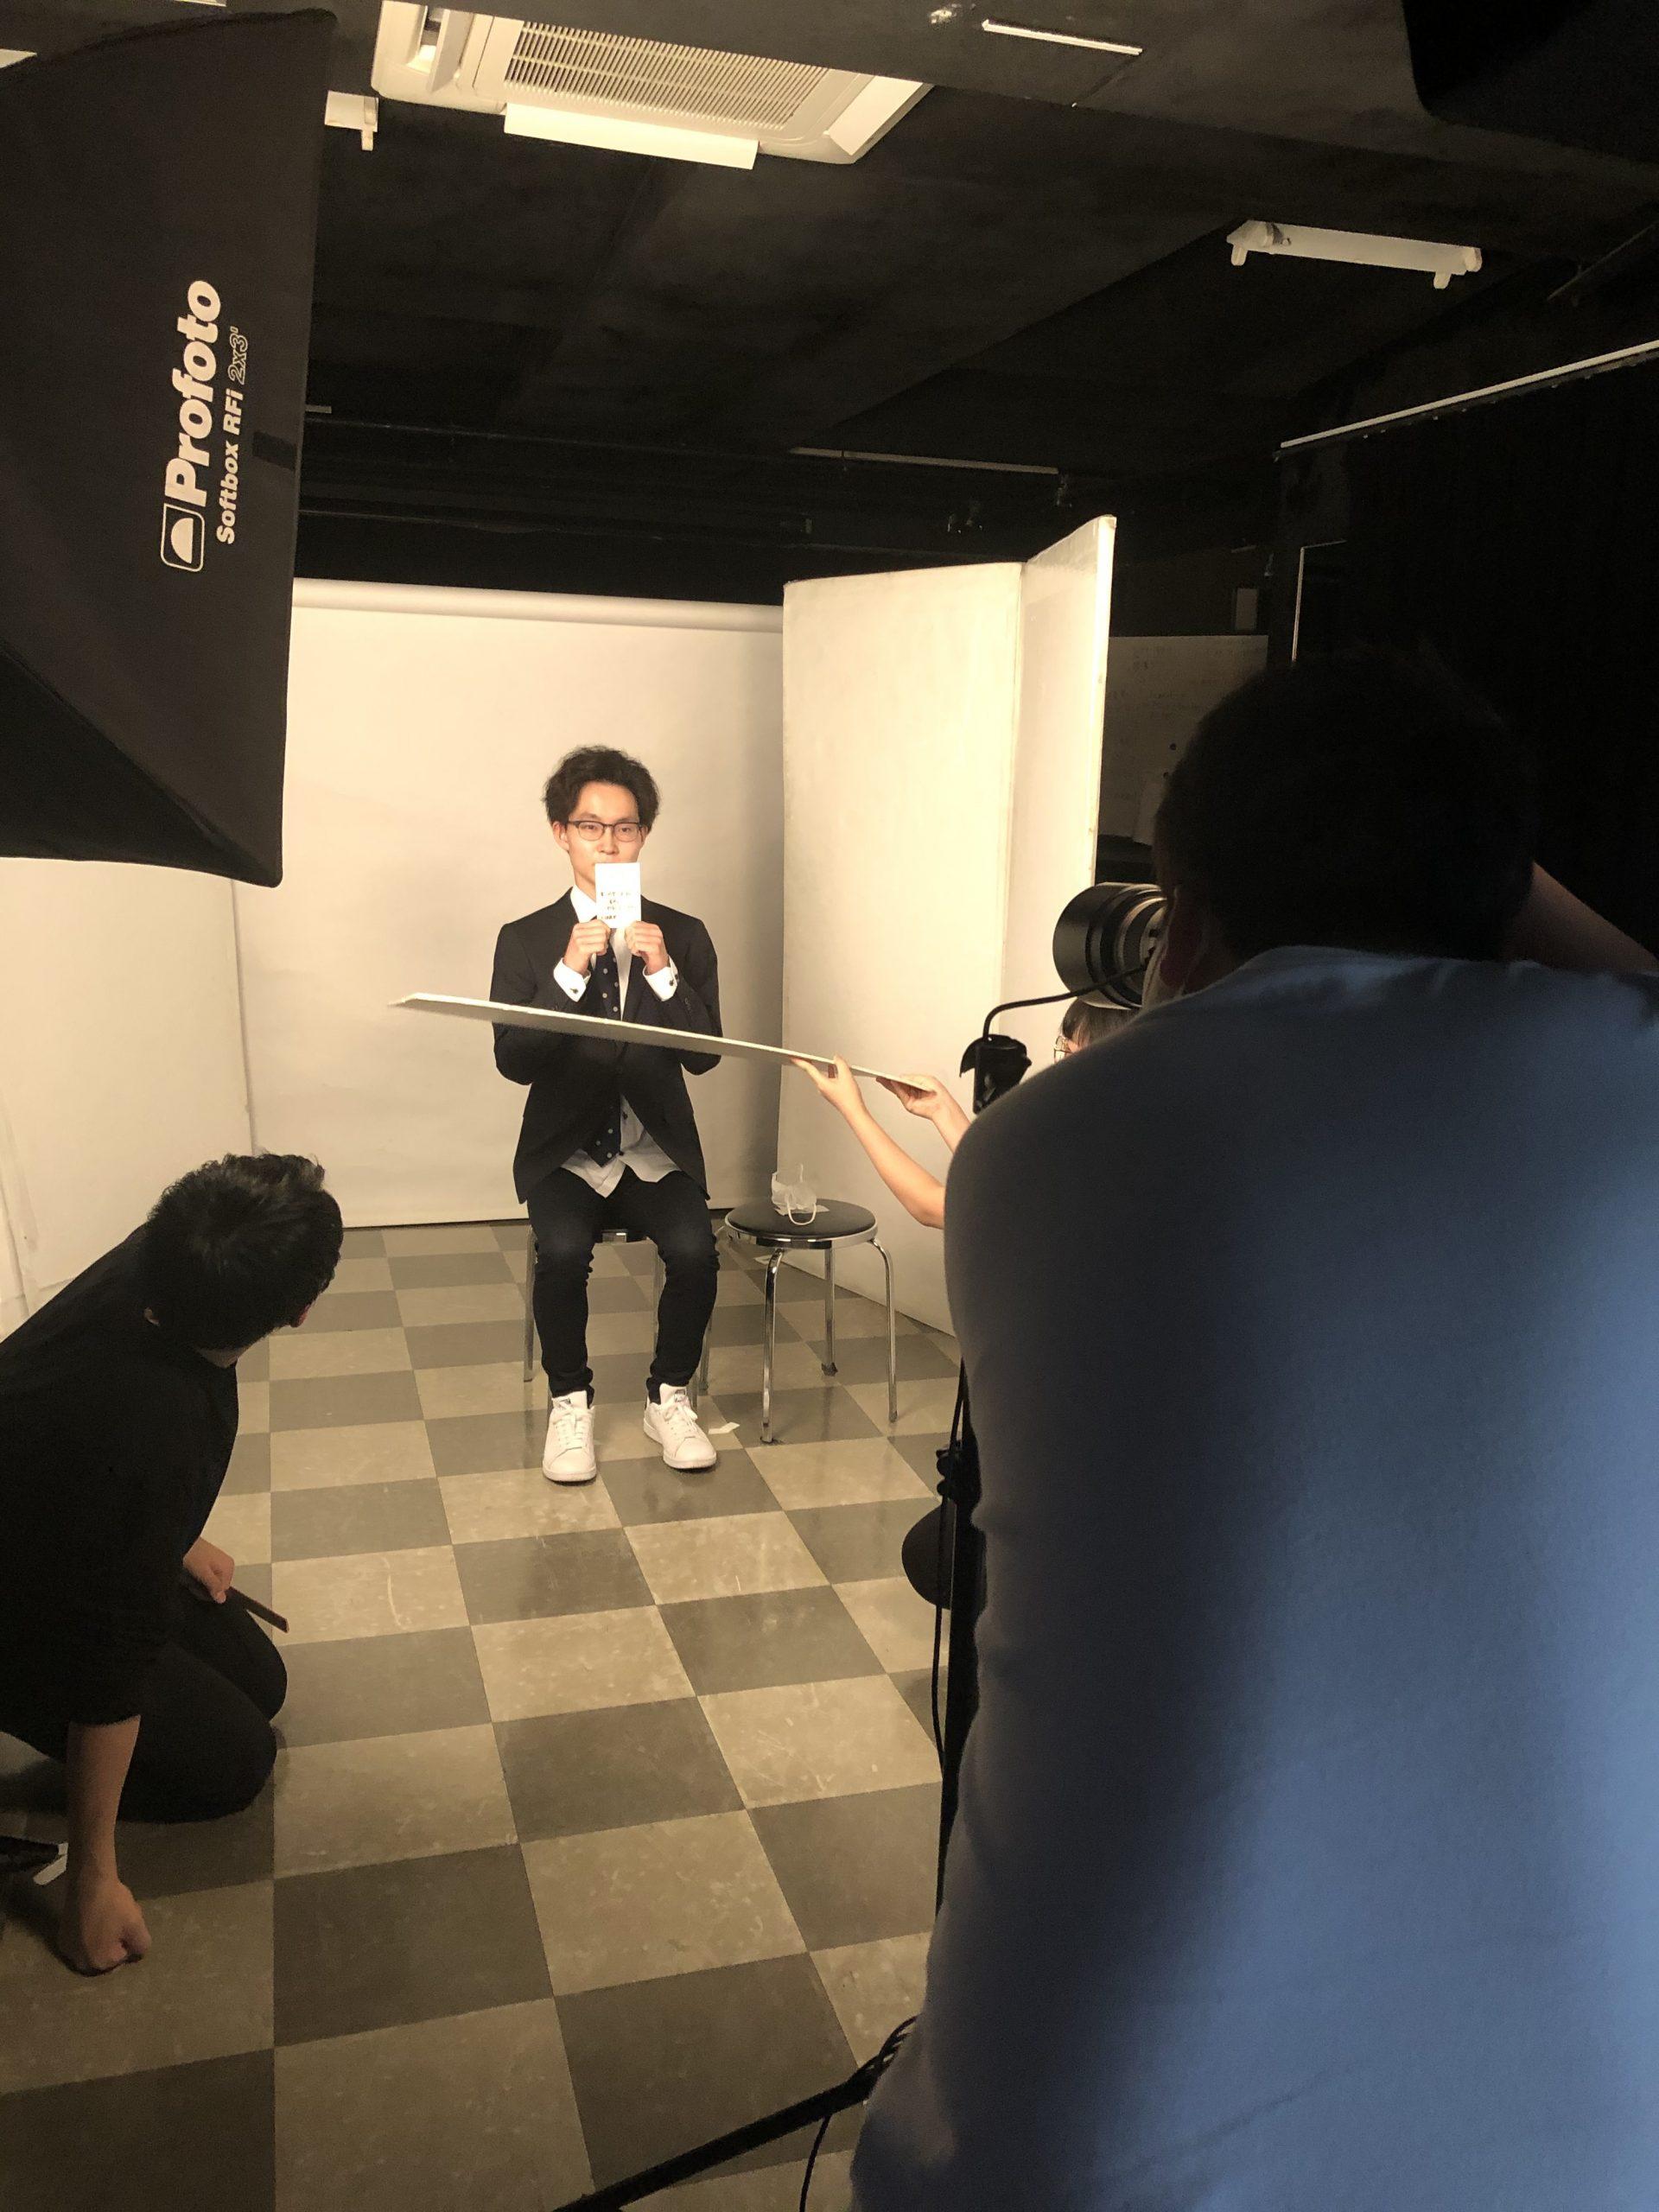 履歴書用写真撮影